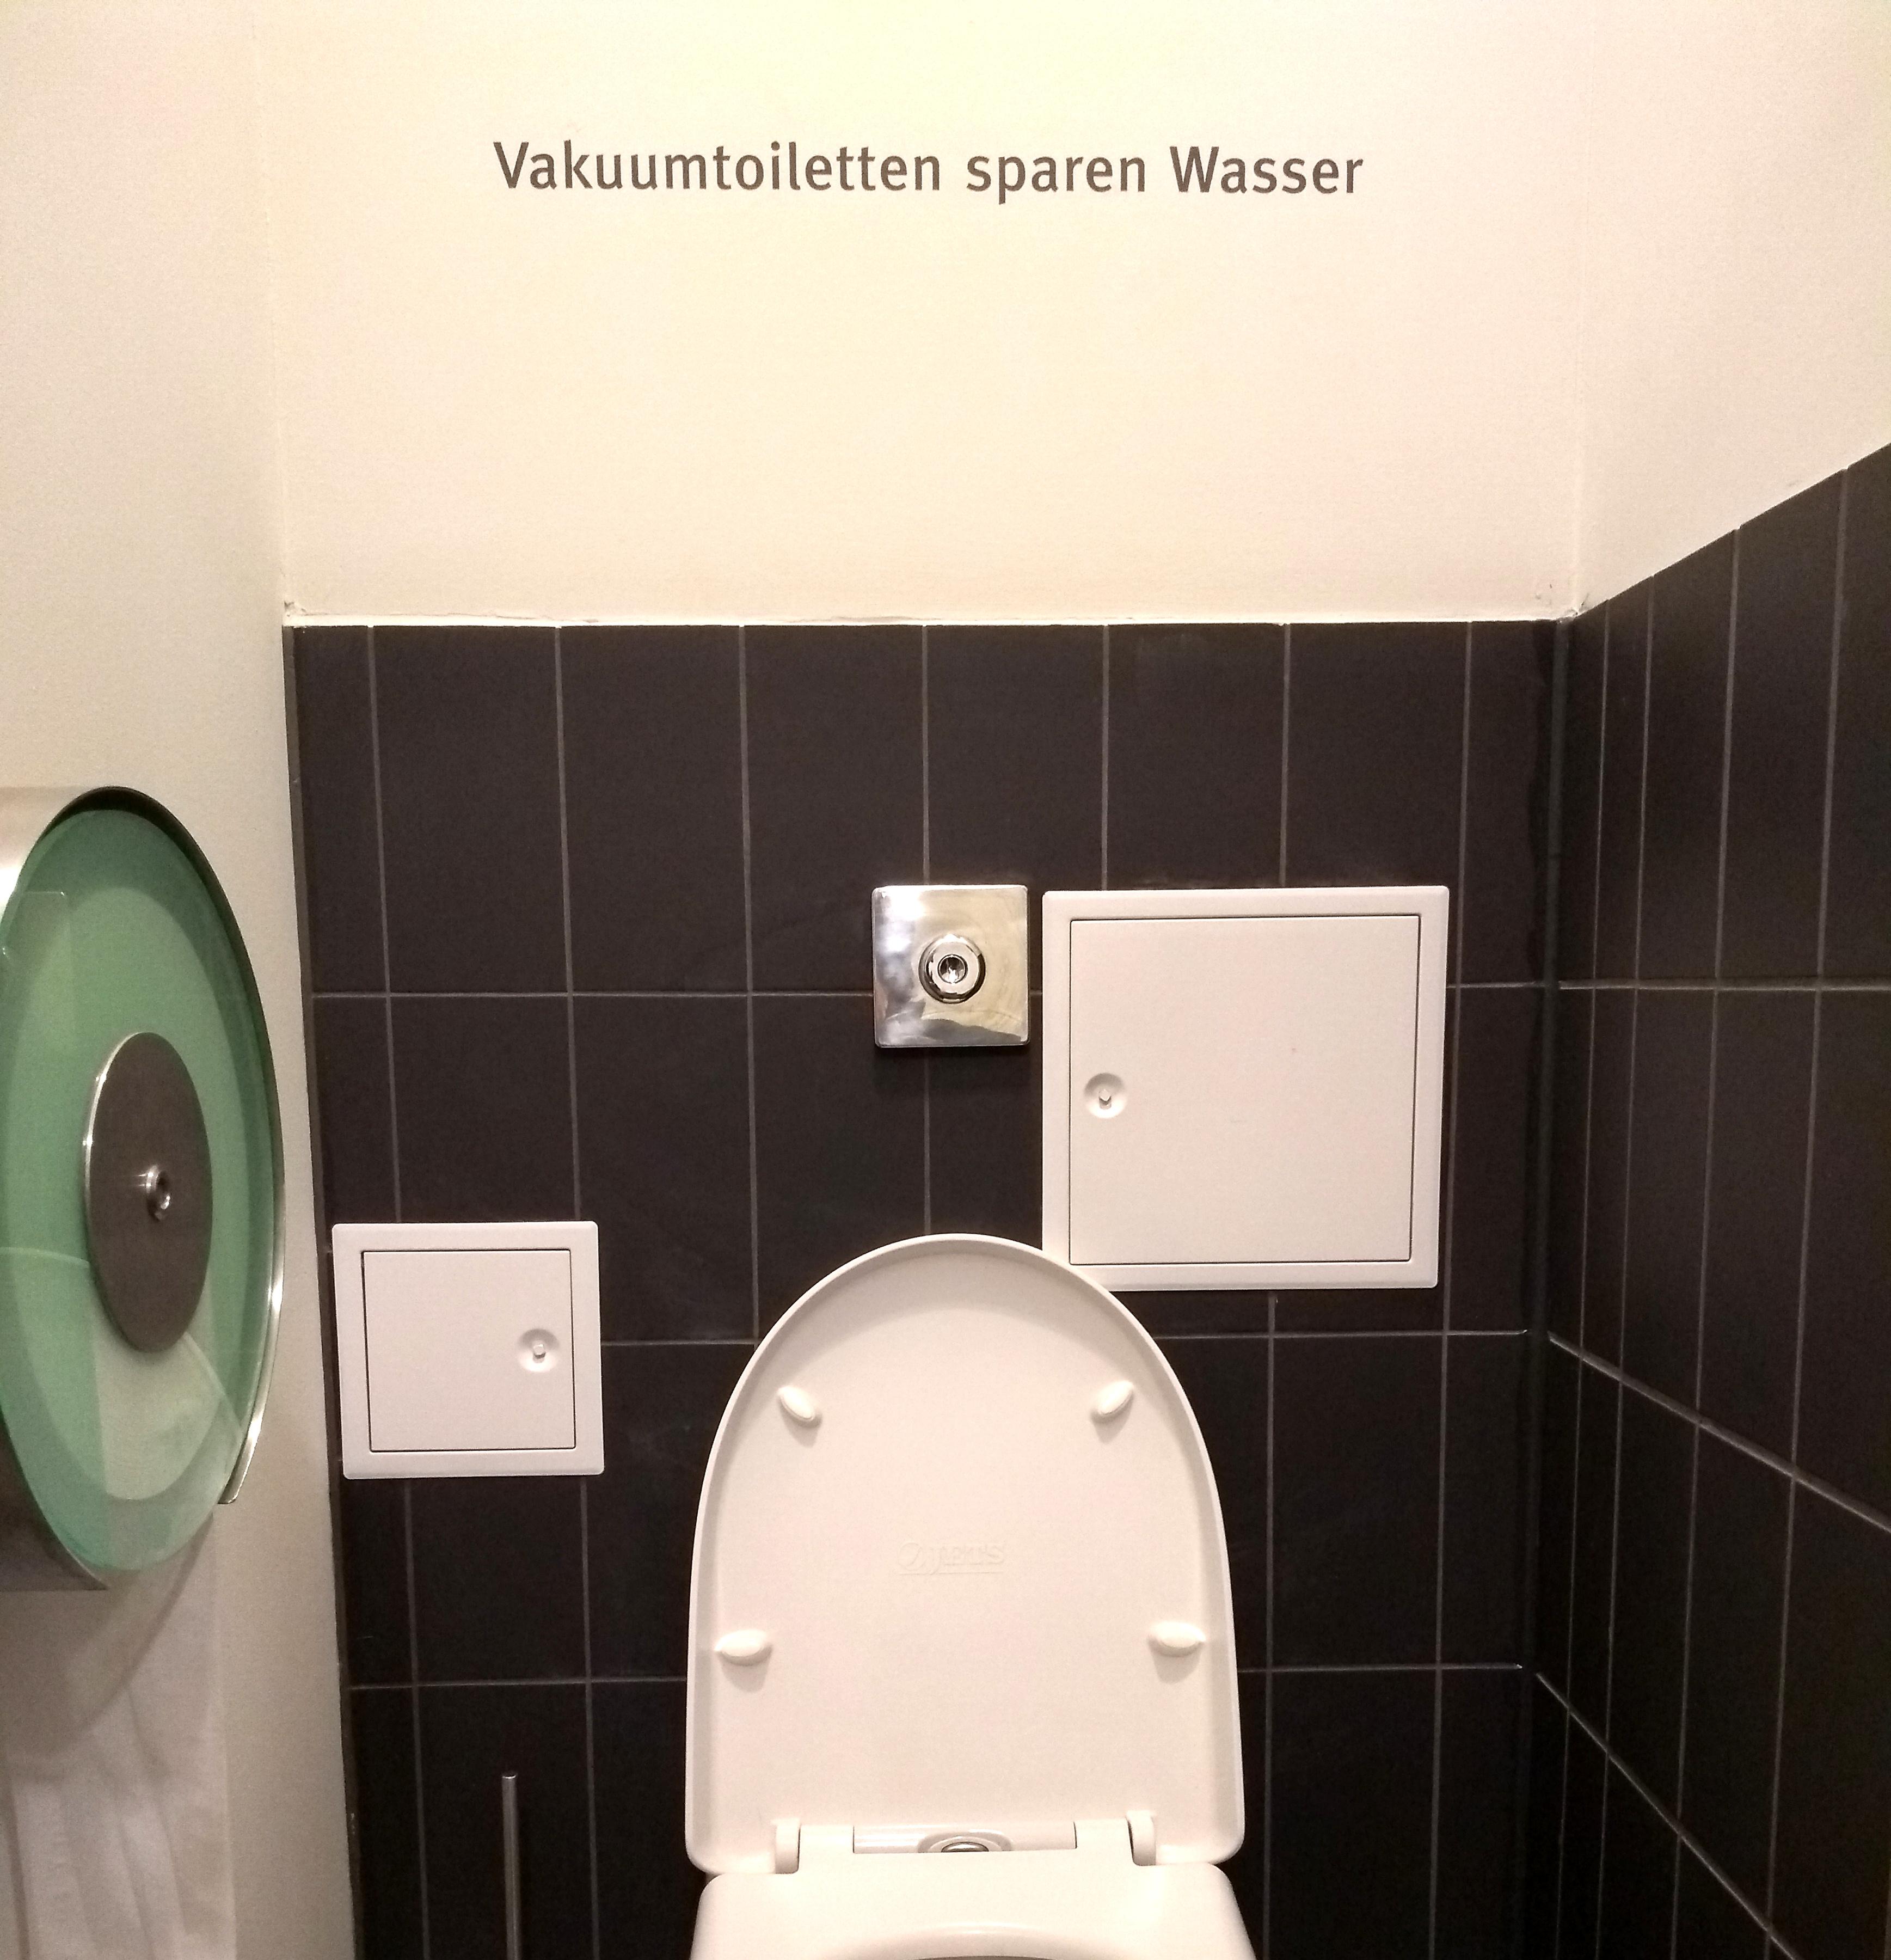 In Vakuumtoiletten wird das Schwarzwasser separat erfasst und kann dann in Wärme und Strom umgewandelt werden. (Foto: RD)